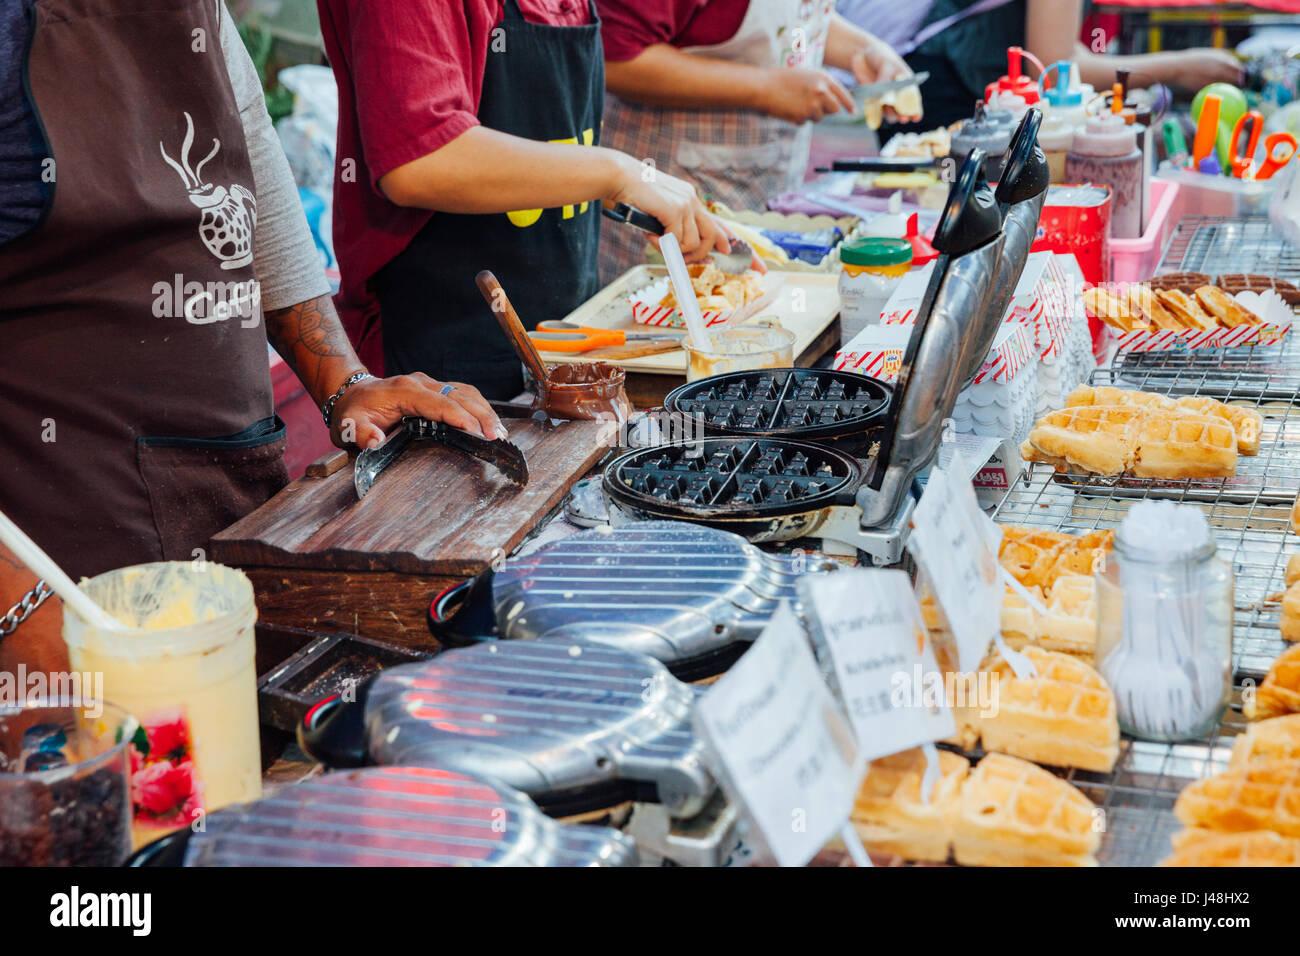 CHIANG MAI, THAILAND - 21 AUGUST: Köche kocht und verkauft Waffeln am Sonntagsmarkt (Walking Street) 21. August Stockbild